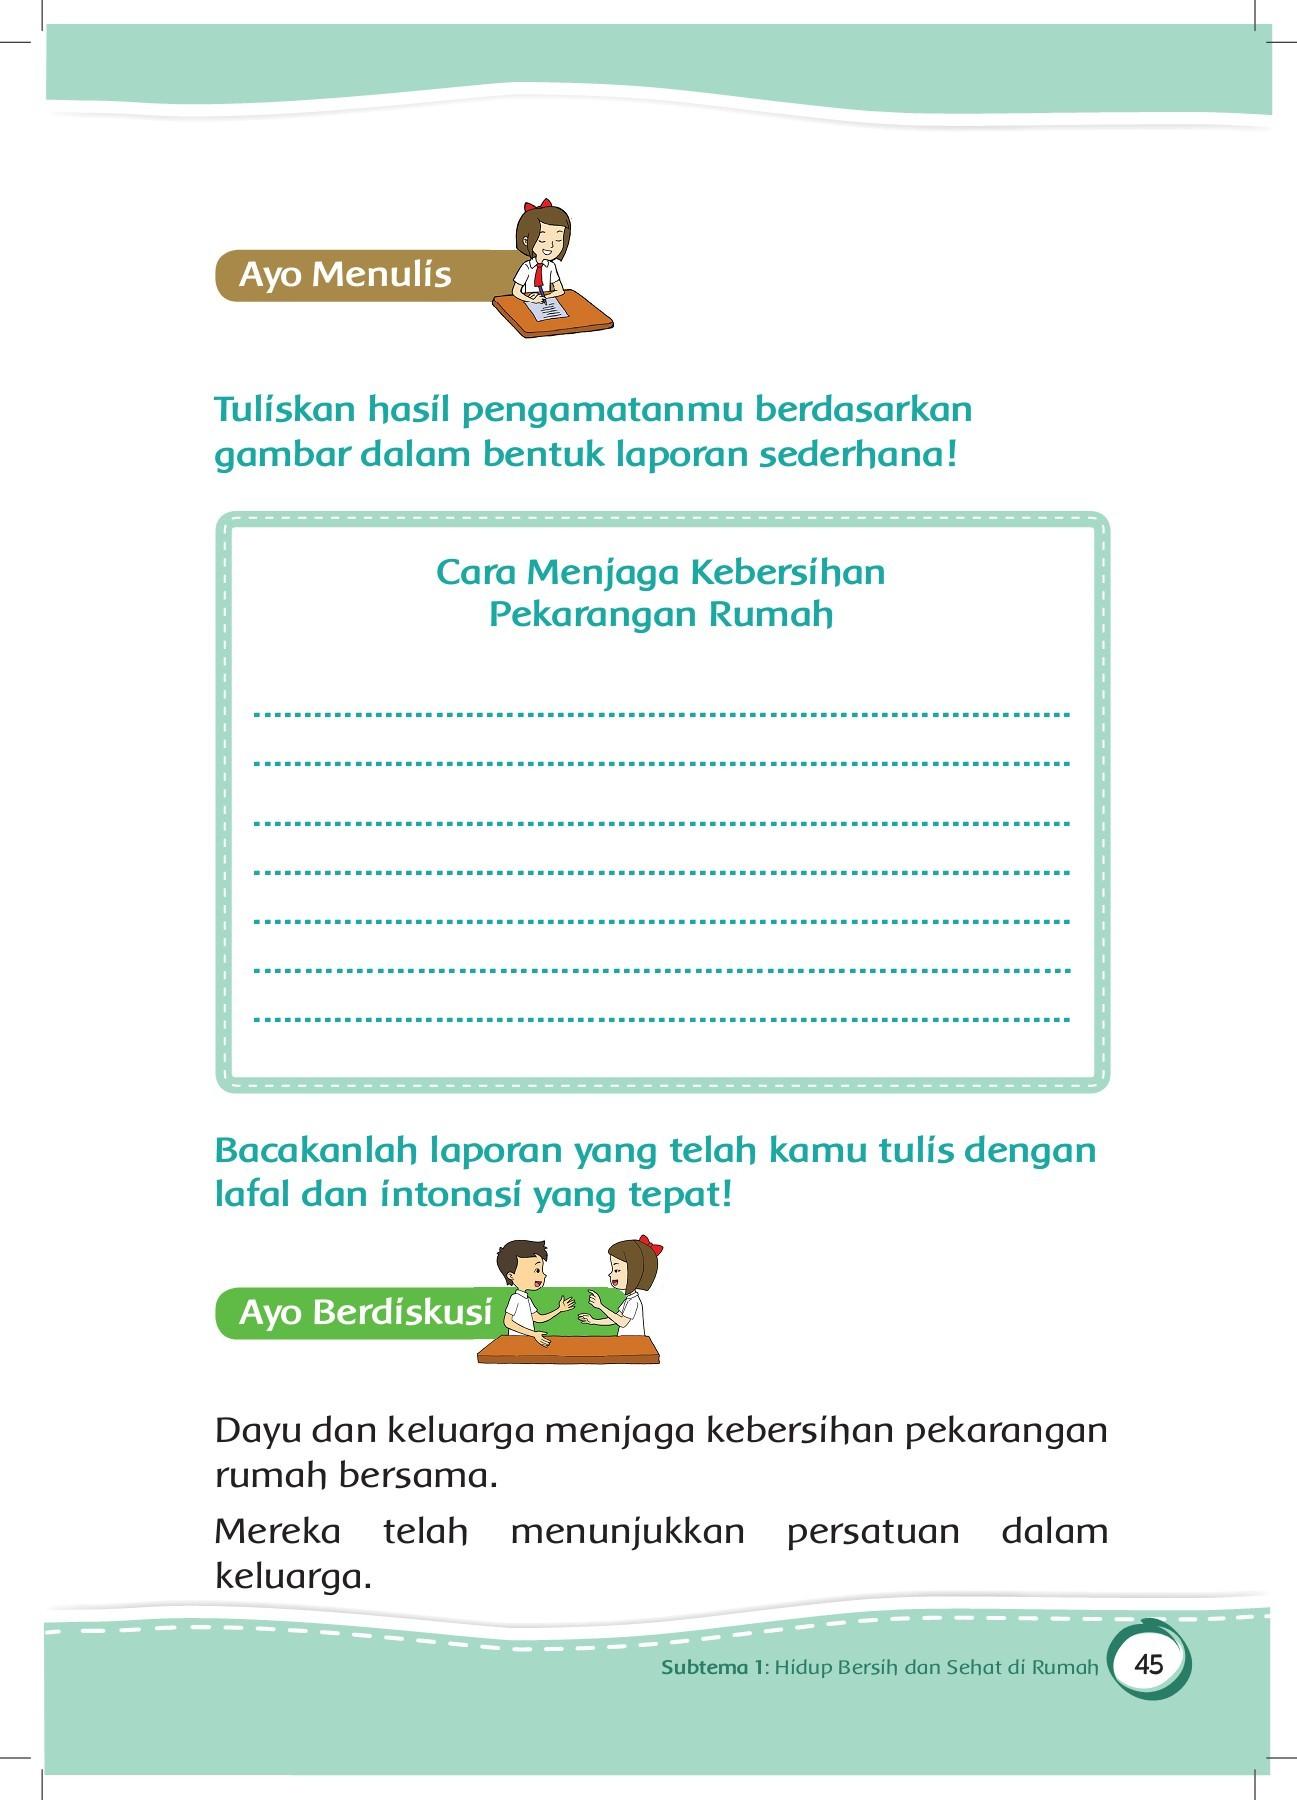 Kunci Jawaban Tema 4 Kelas 2 Hidup Bersih Dan Sehat : kunci, jawaban, kelas, hidup, bersih, sehat, Kunci, Jawaban, Kelas, Hidup, Bersih, Sehat, IlmuSosial.id